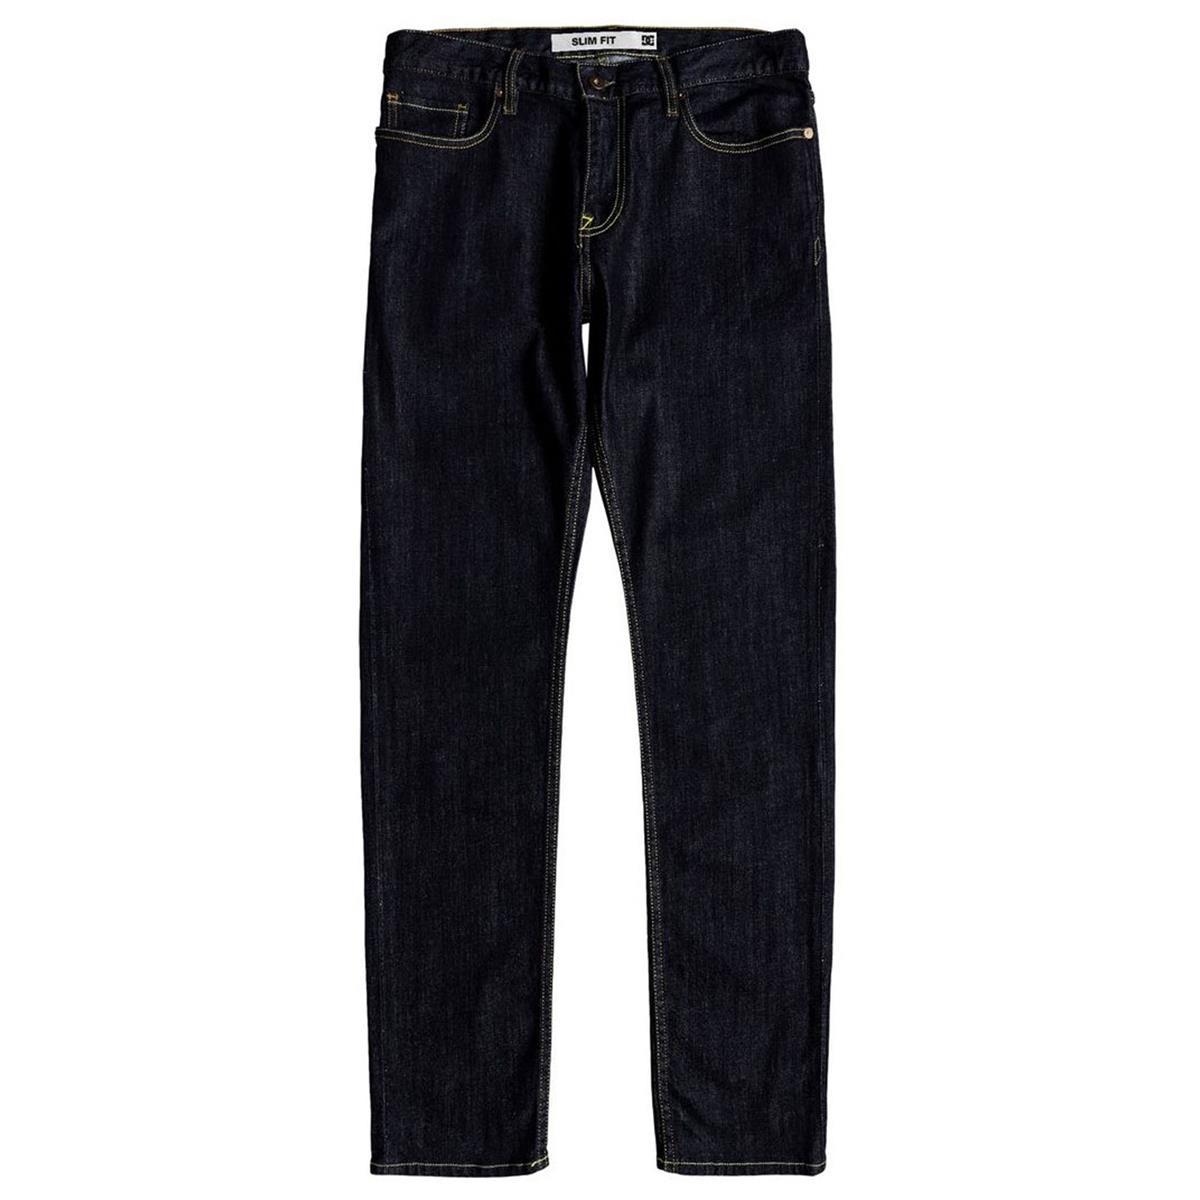 DC Jeans Worker Slim Denim Indigo Rinse